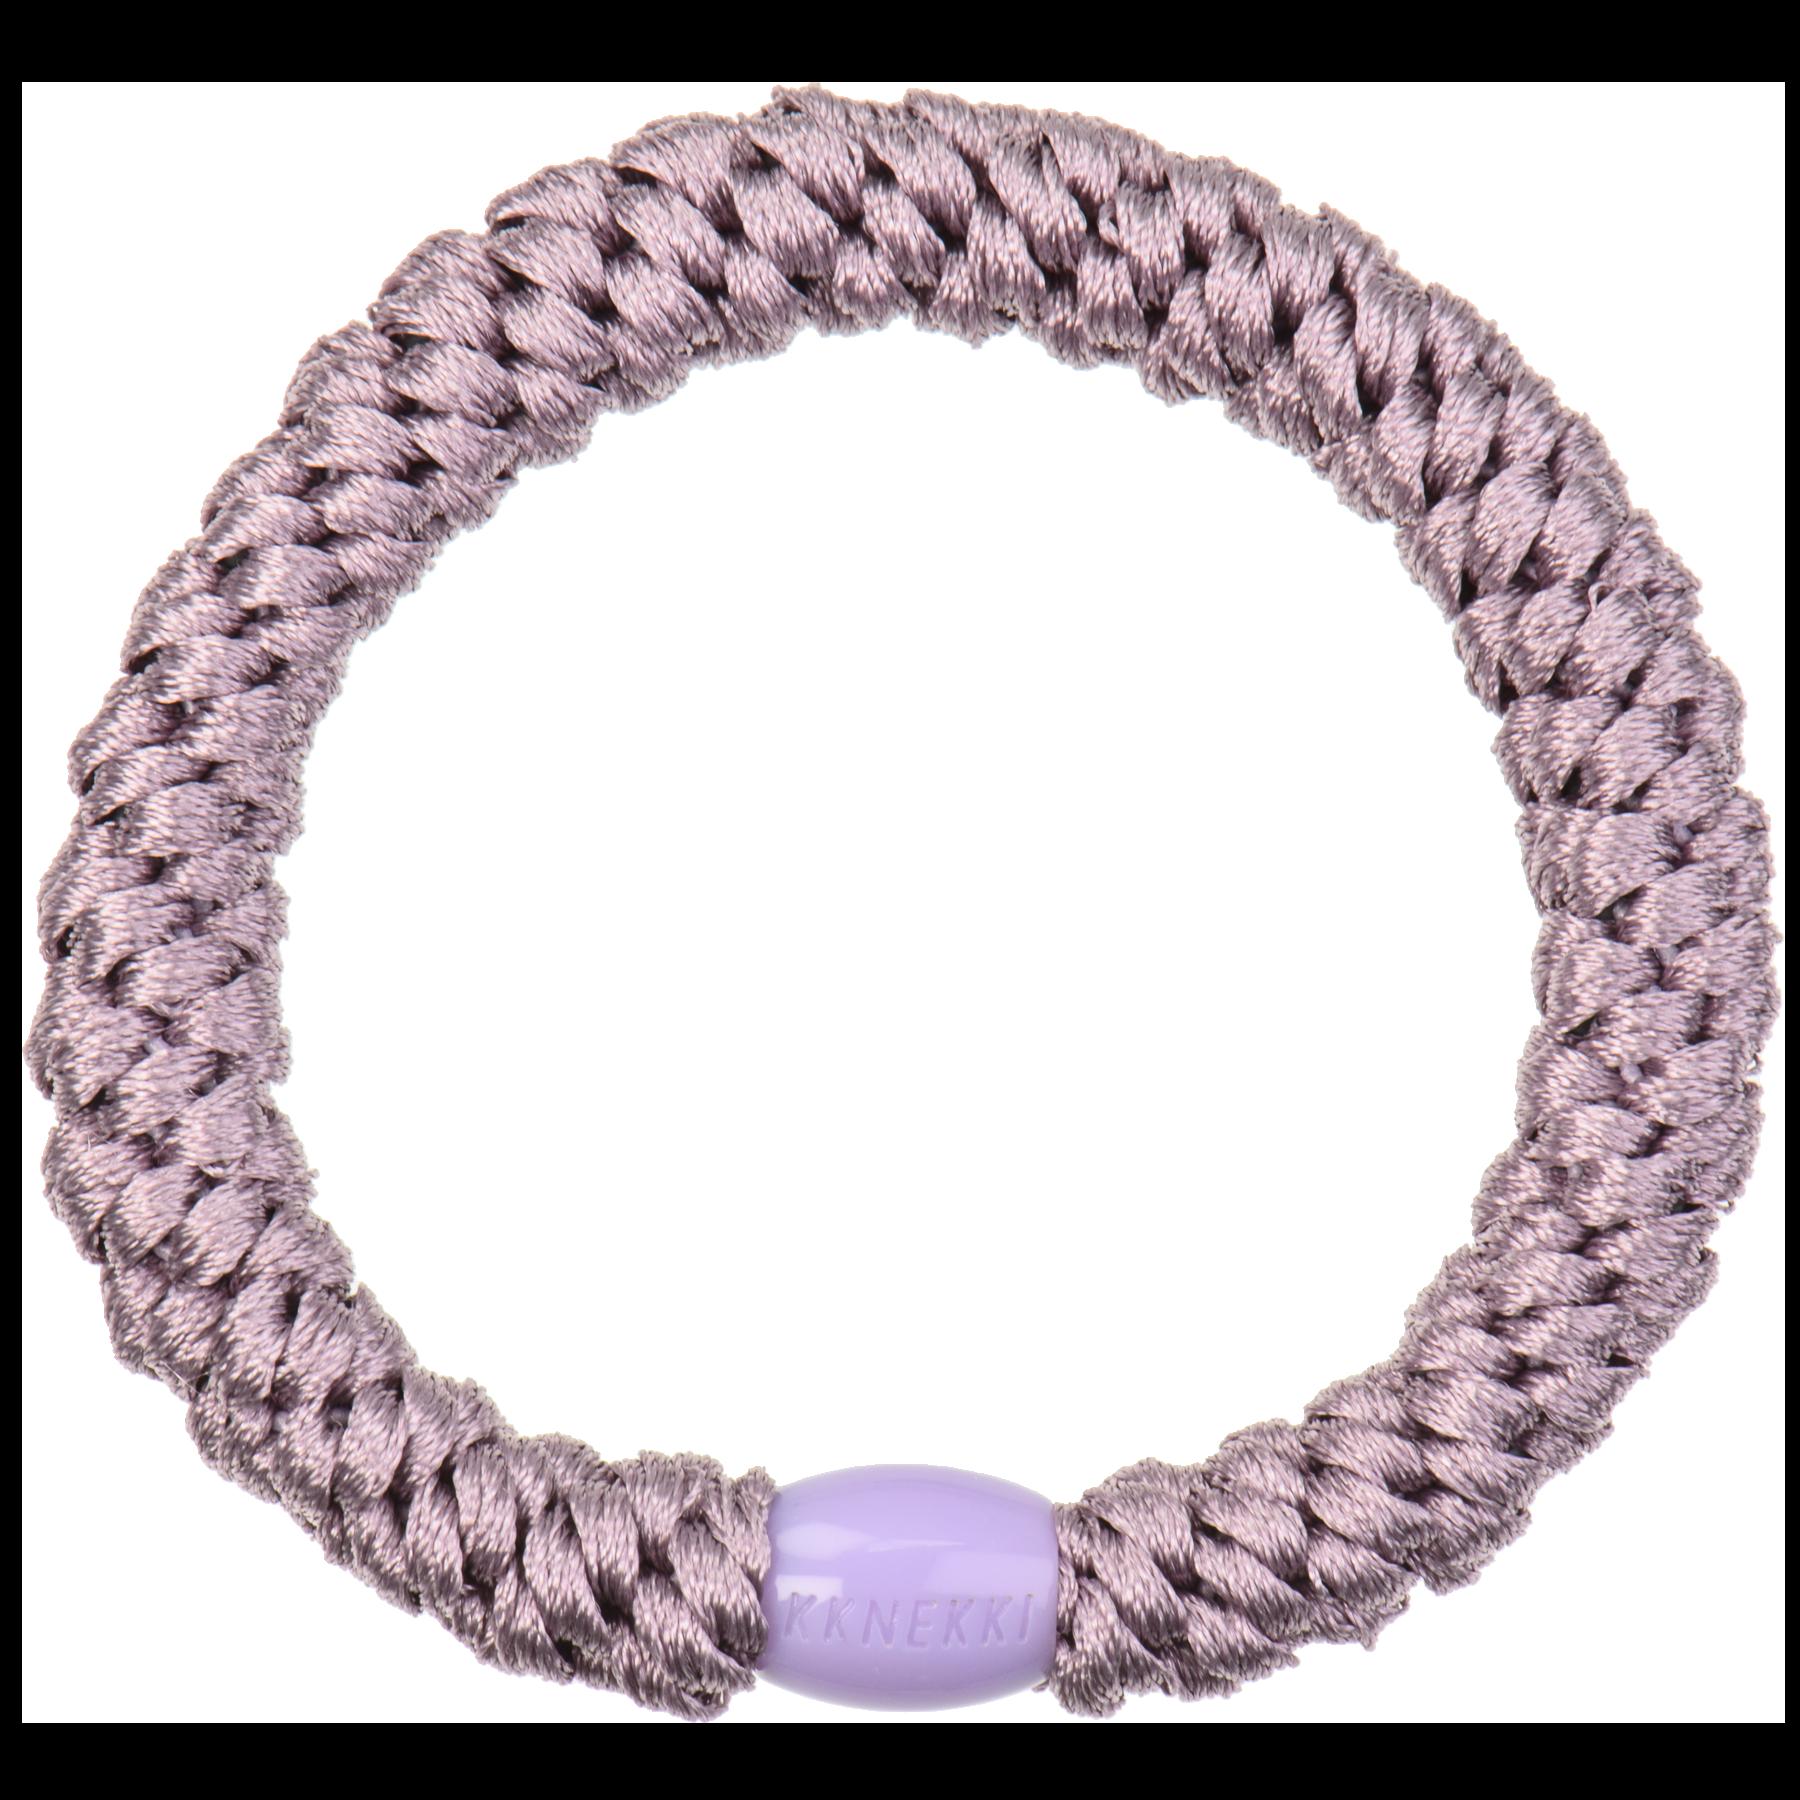 Haargummi / Armband - Pearl Levendel 5150 - KKNEKKI